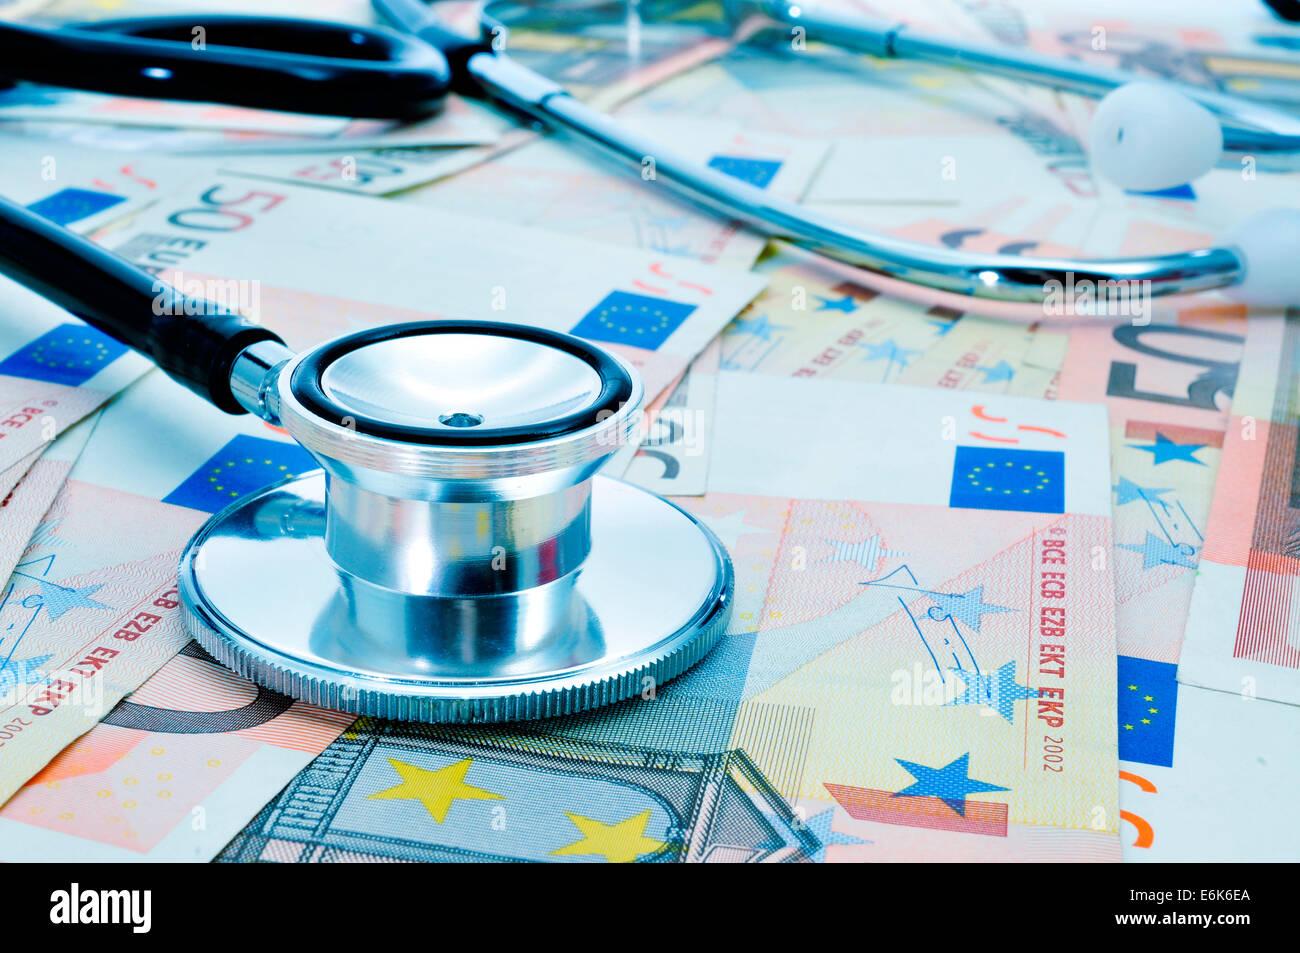 ein Stethoskop auf einen Haufen von Euro-scheinen, Darstellung der health care-Industrie-Konzept Stockbild